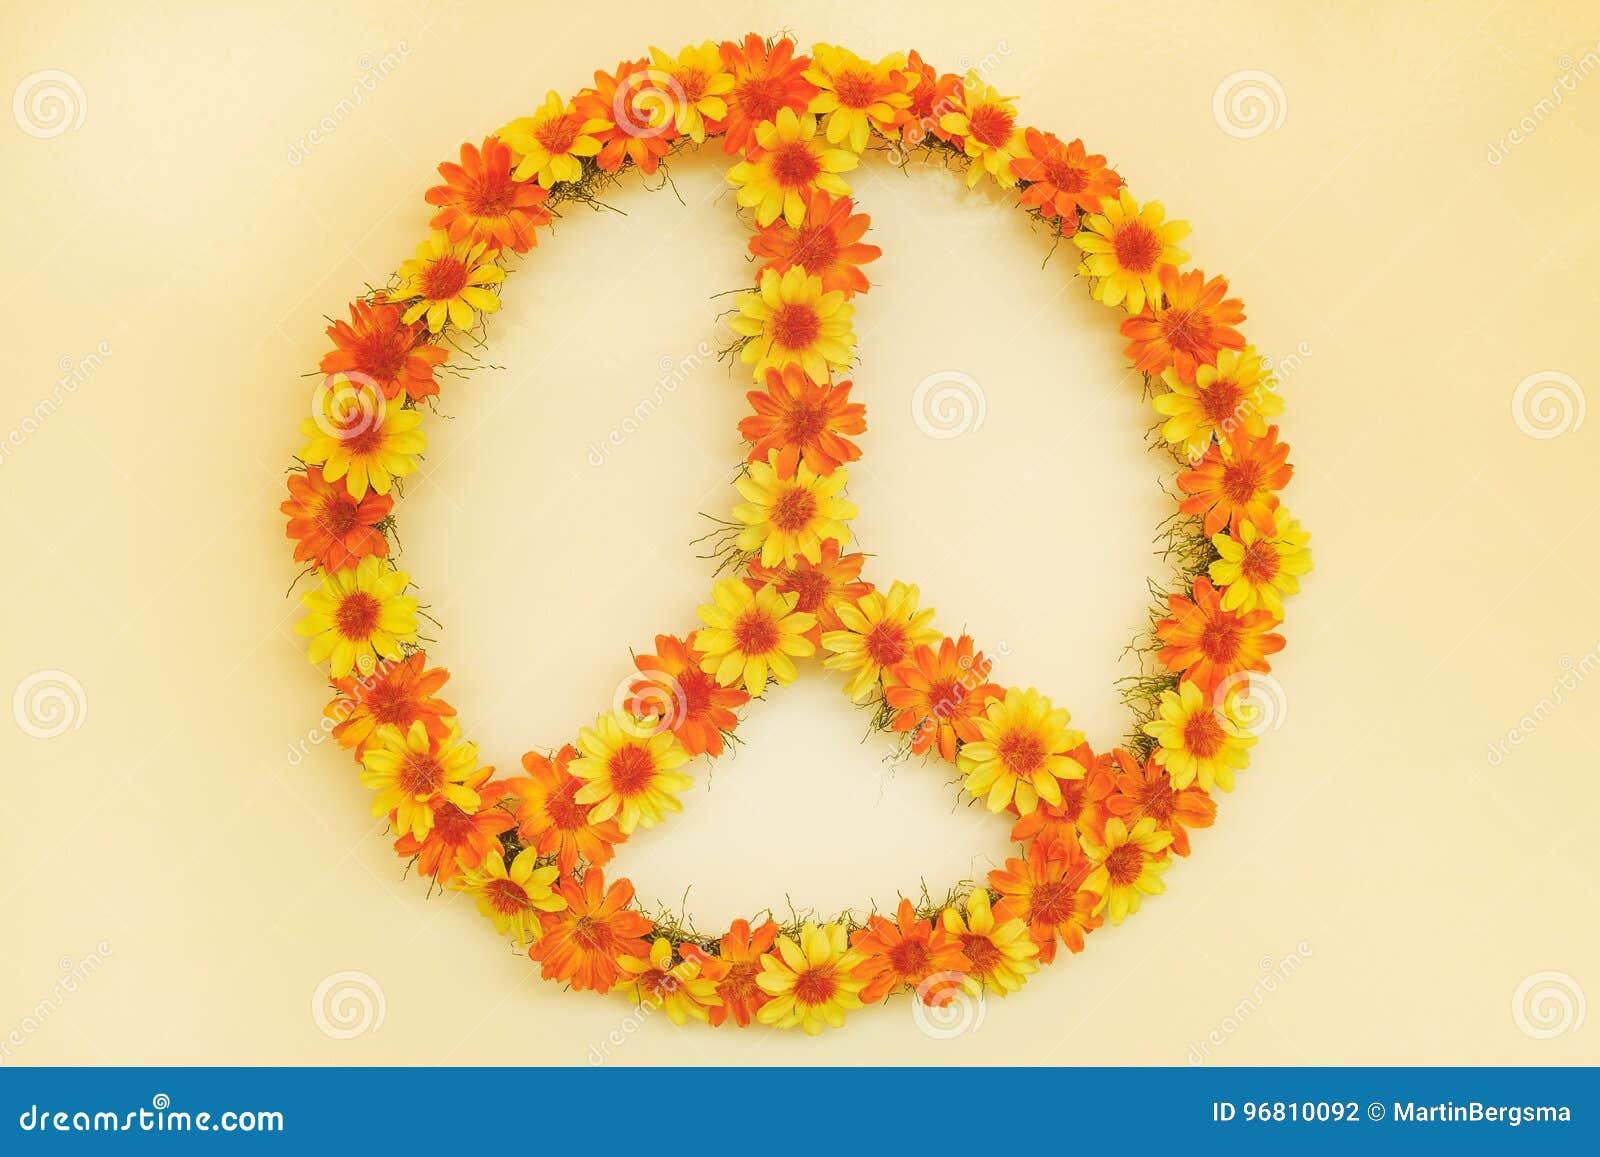 Ретро введенное в моду изображение знака мира силы цветка семидесятых годов